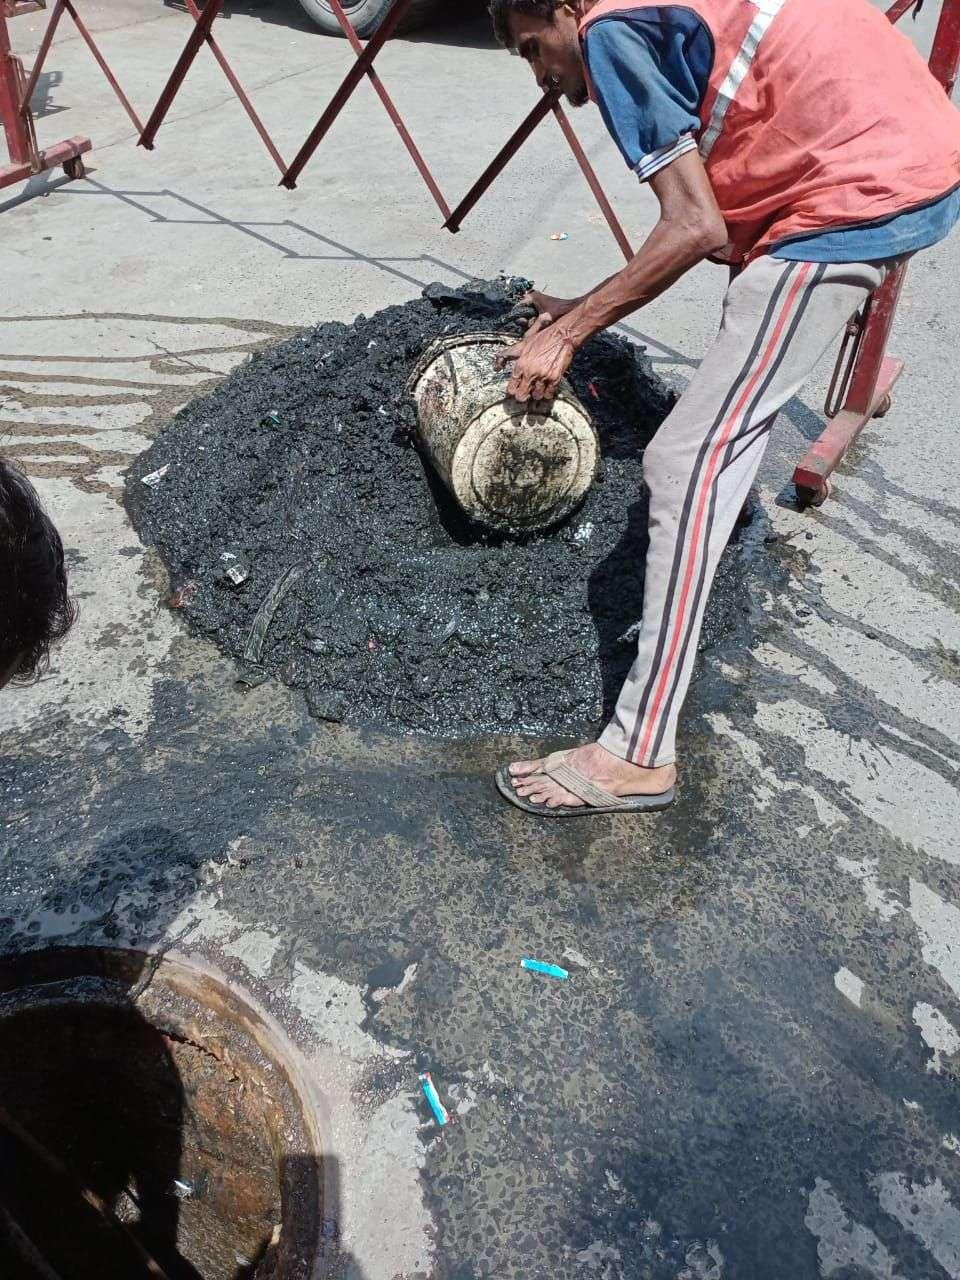 SURAT KAPDA MANDI: 10 साल में पहली बार हो रही है साफ-सफाई